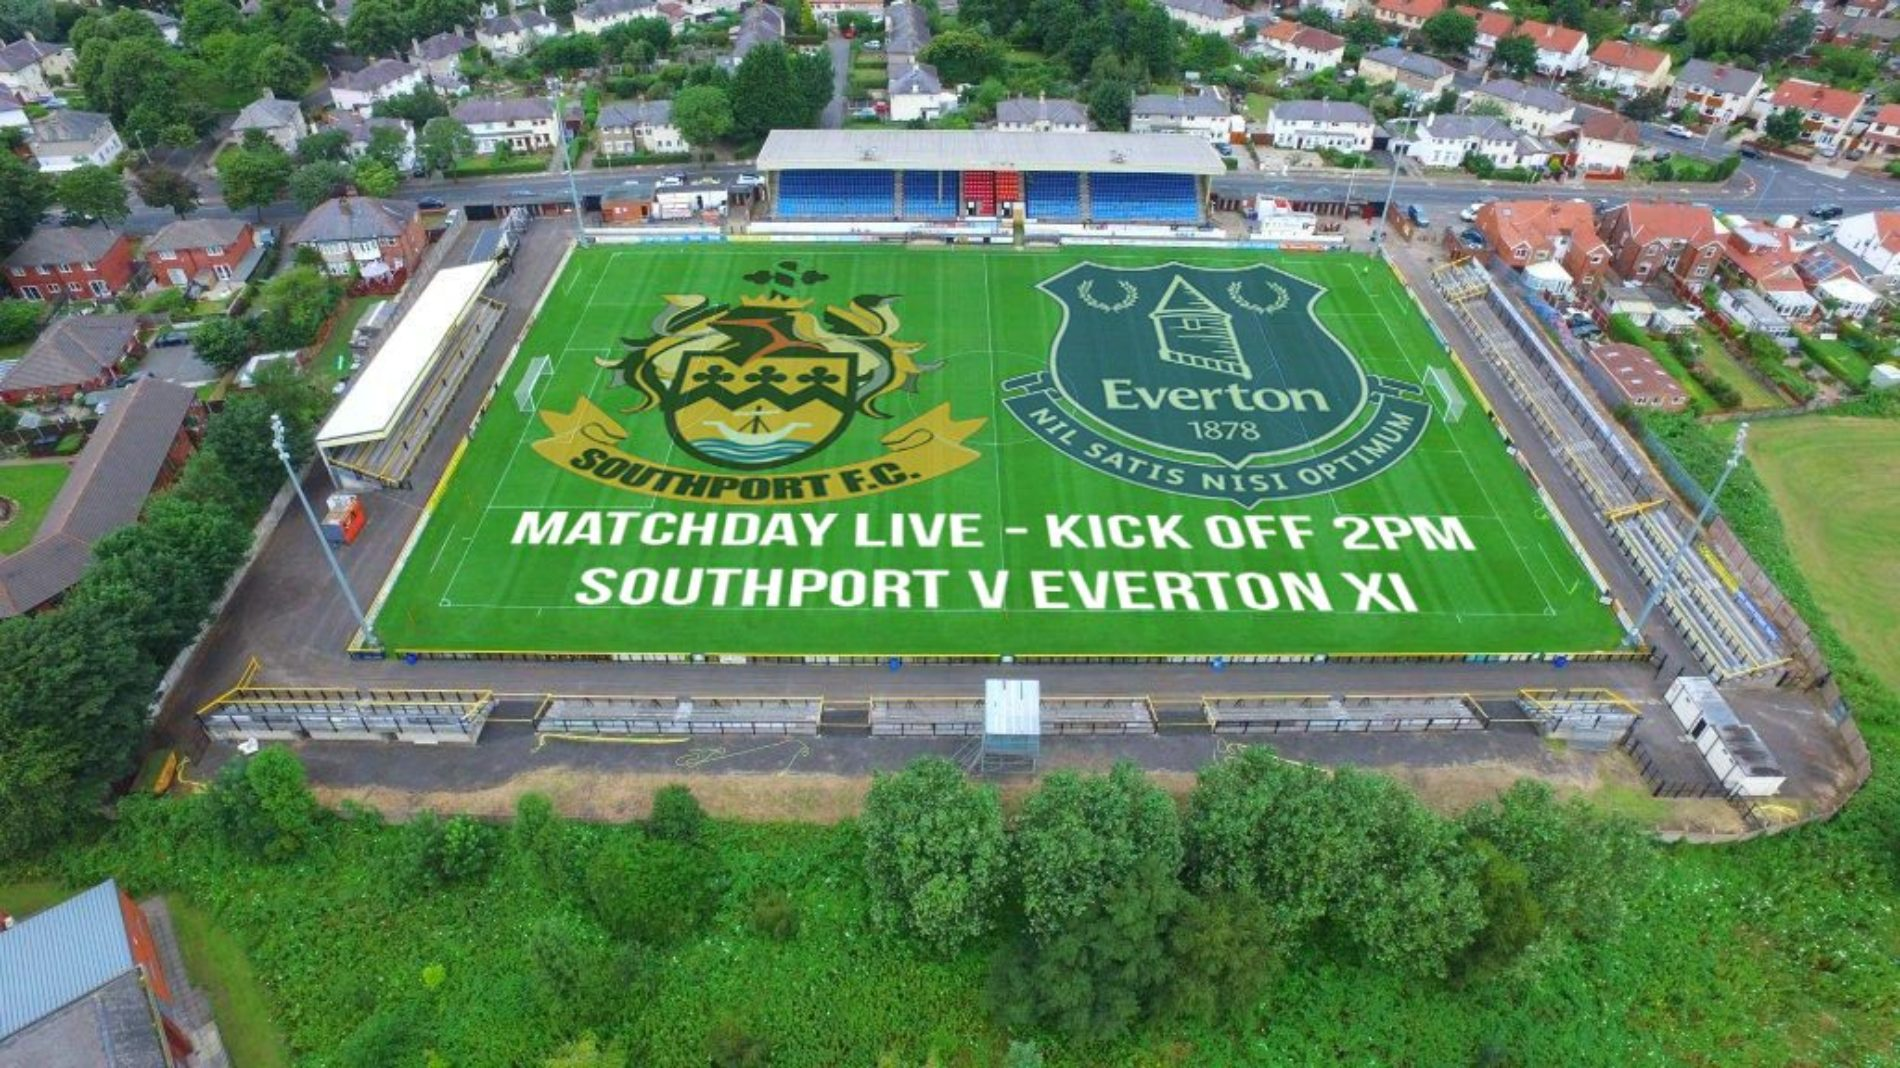 MATCHDAY LIVE | Southport V Everton